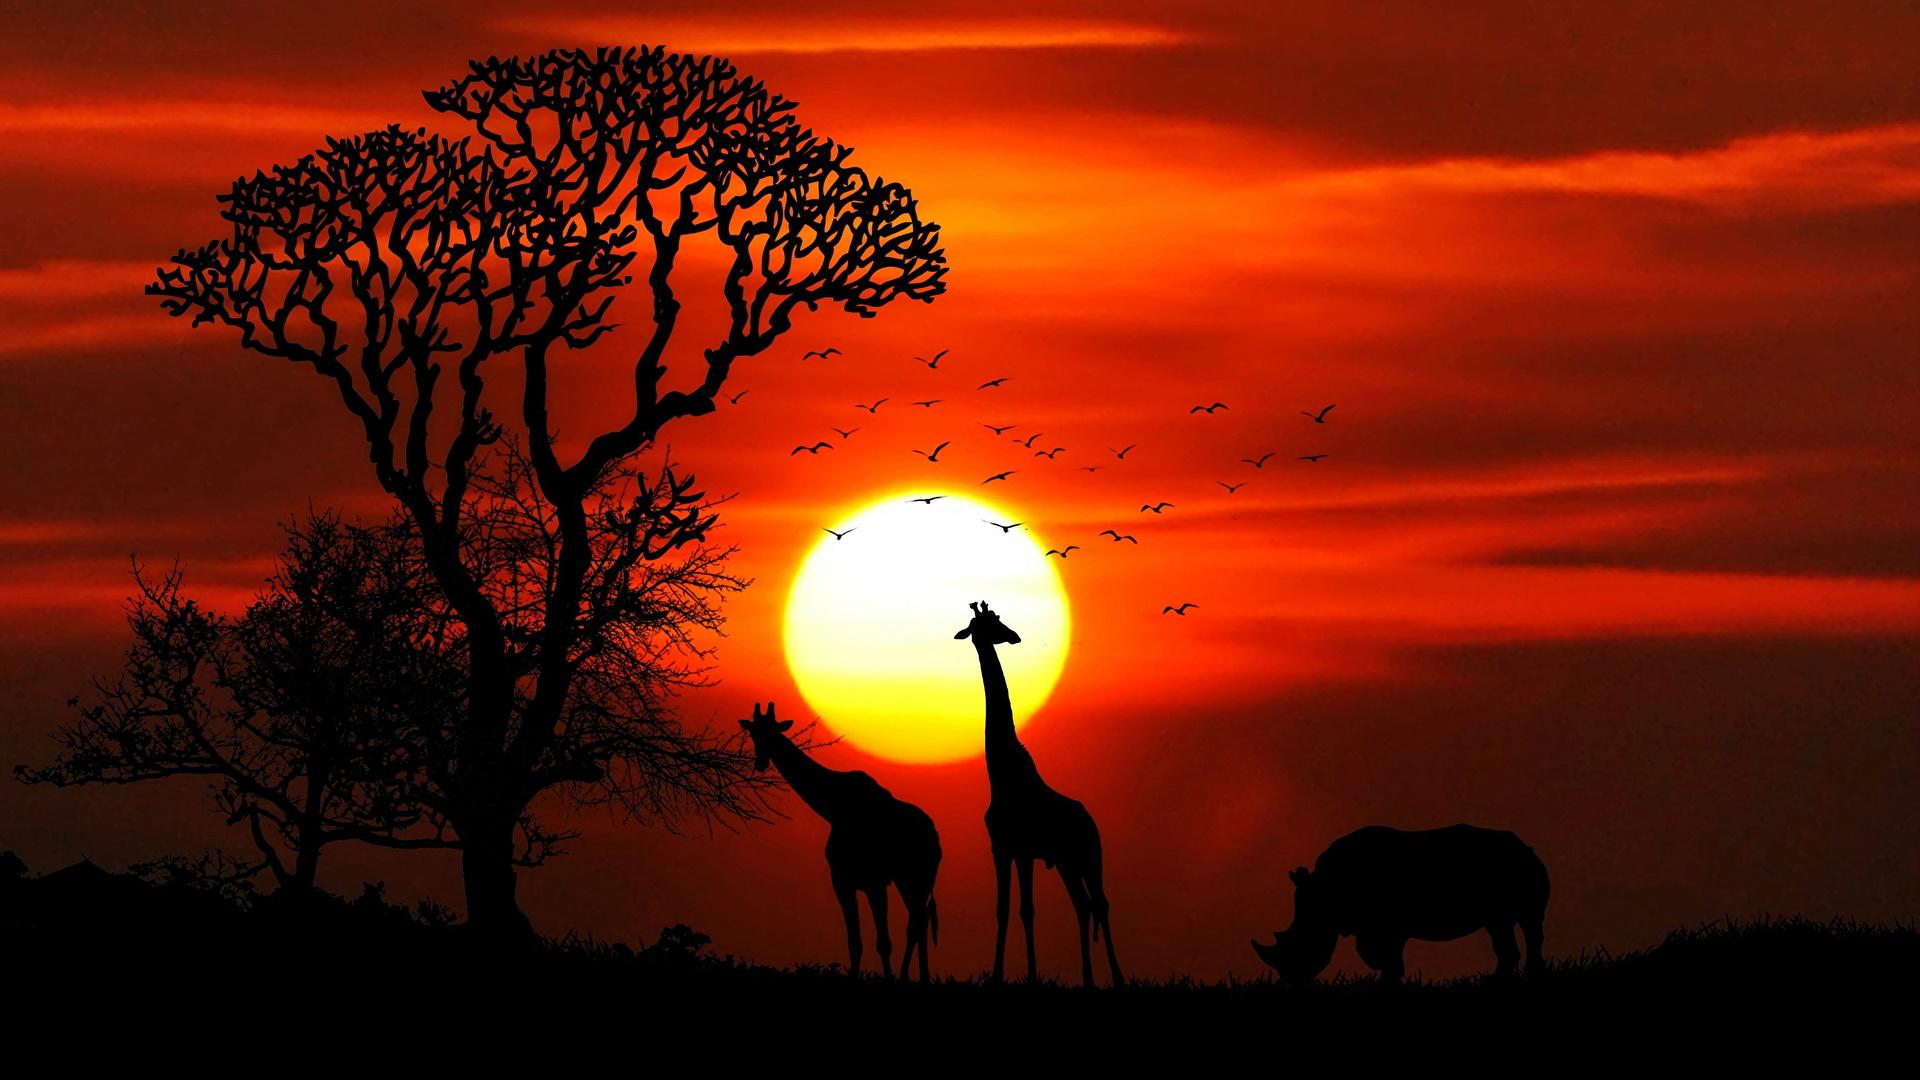 Фотографии Жирафы Носороги Африка Силуэт солнца рассвет и закат Животные 1920x1080 жираф силуэты силуэта Солнце Рассветы и закаты животное